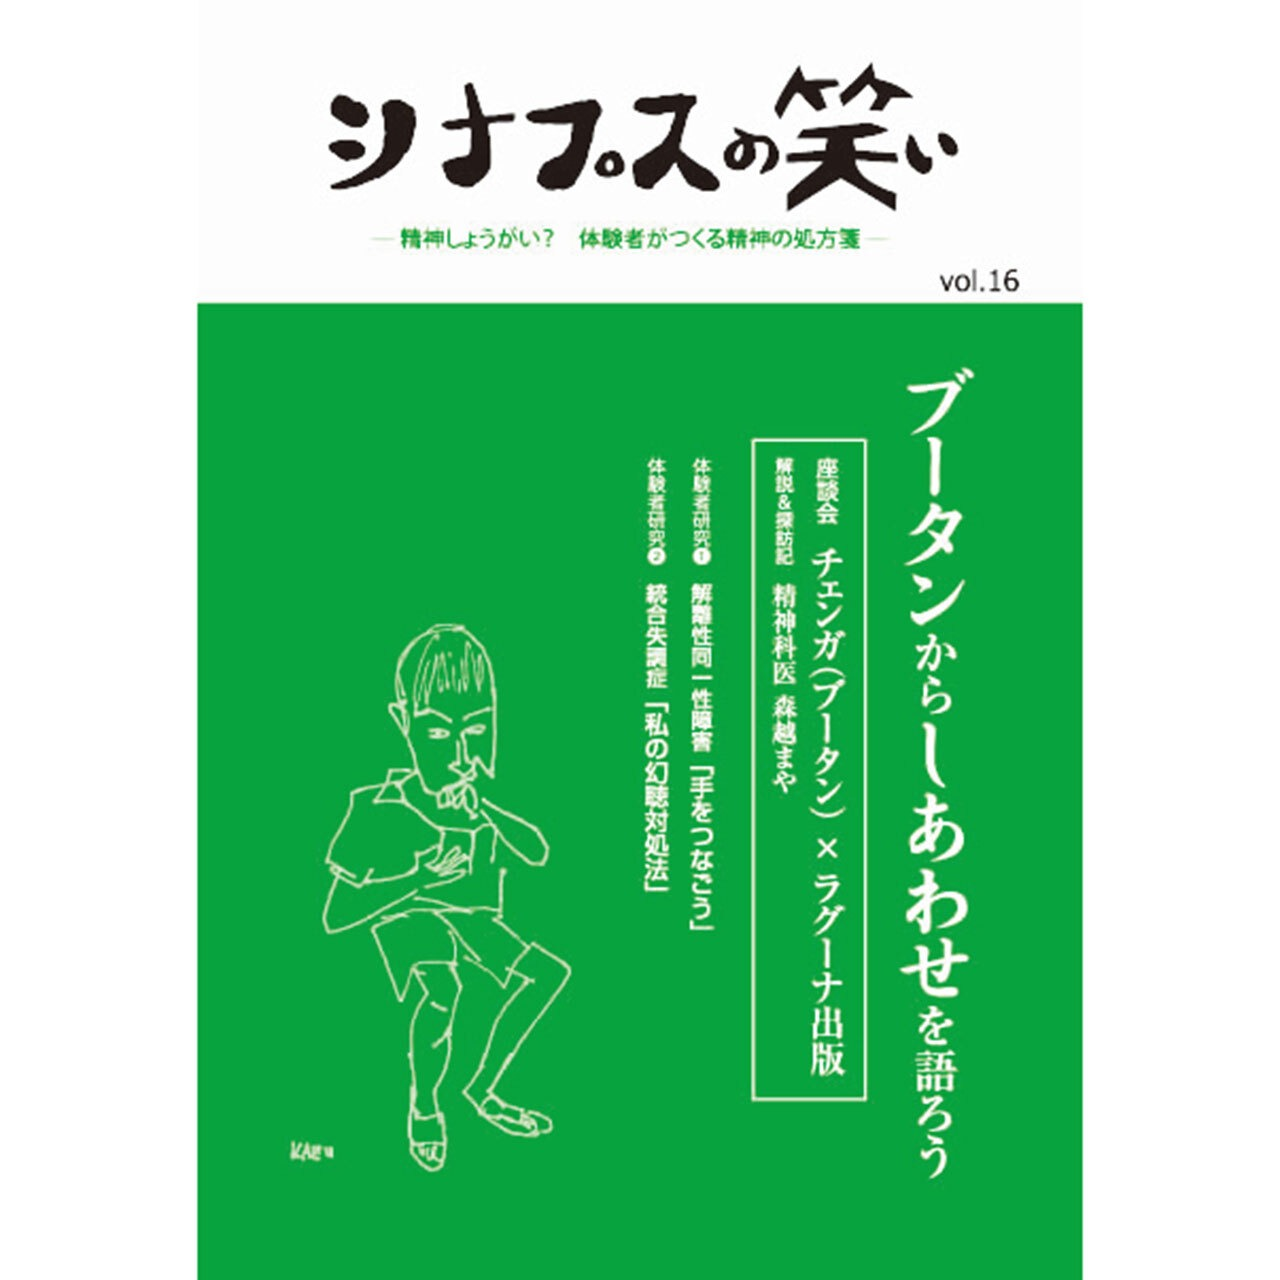 シナプスの笑い Vol.16